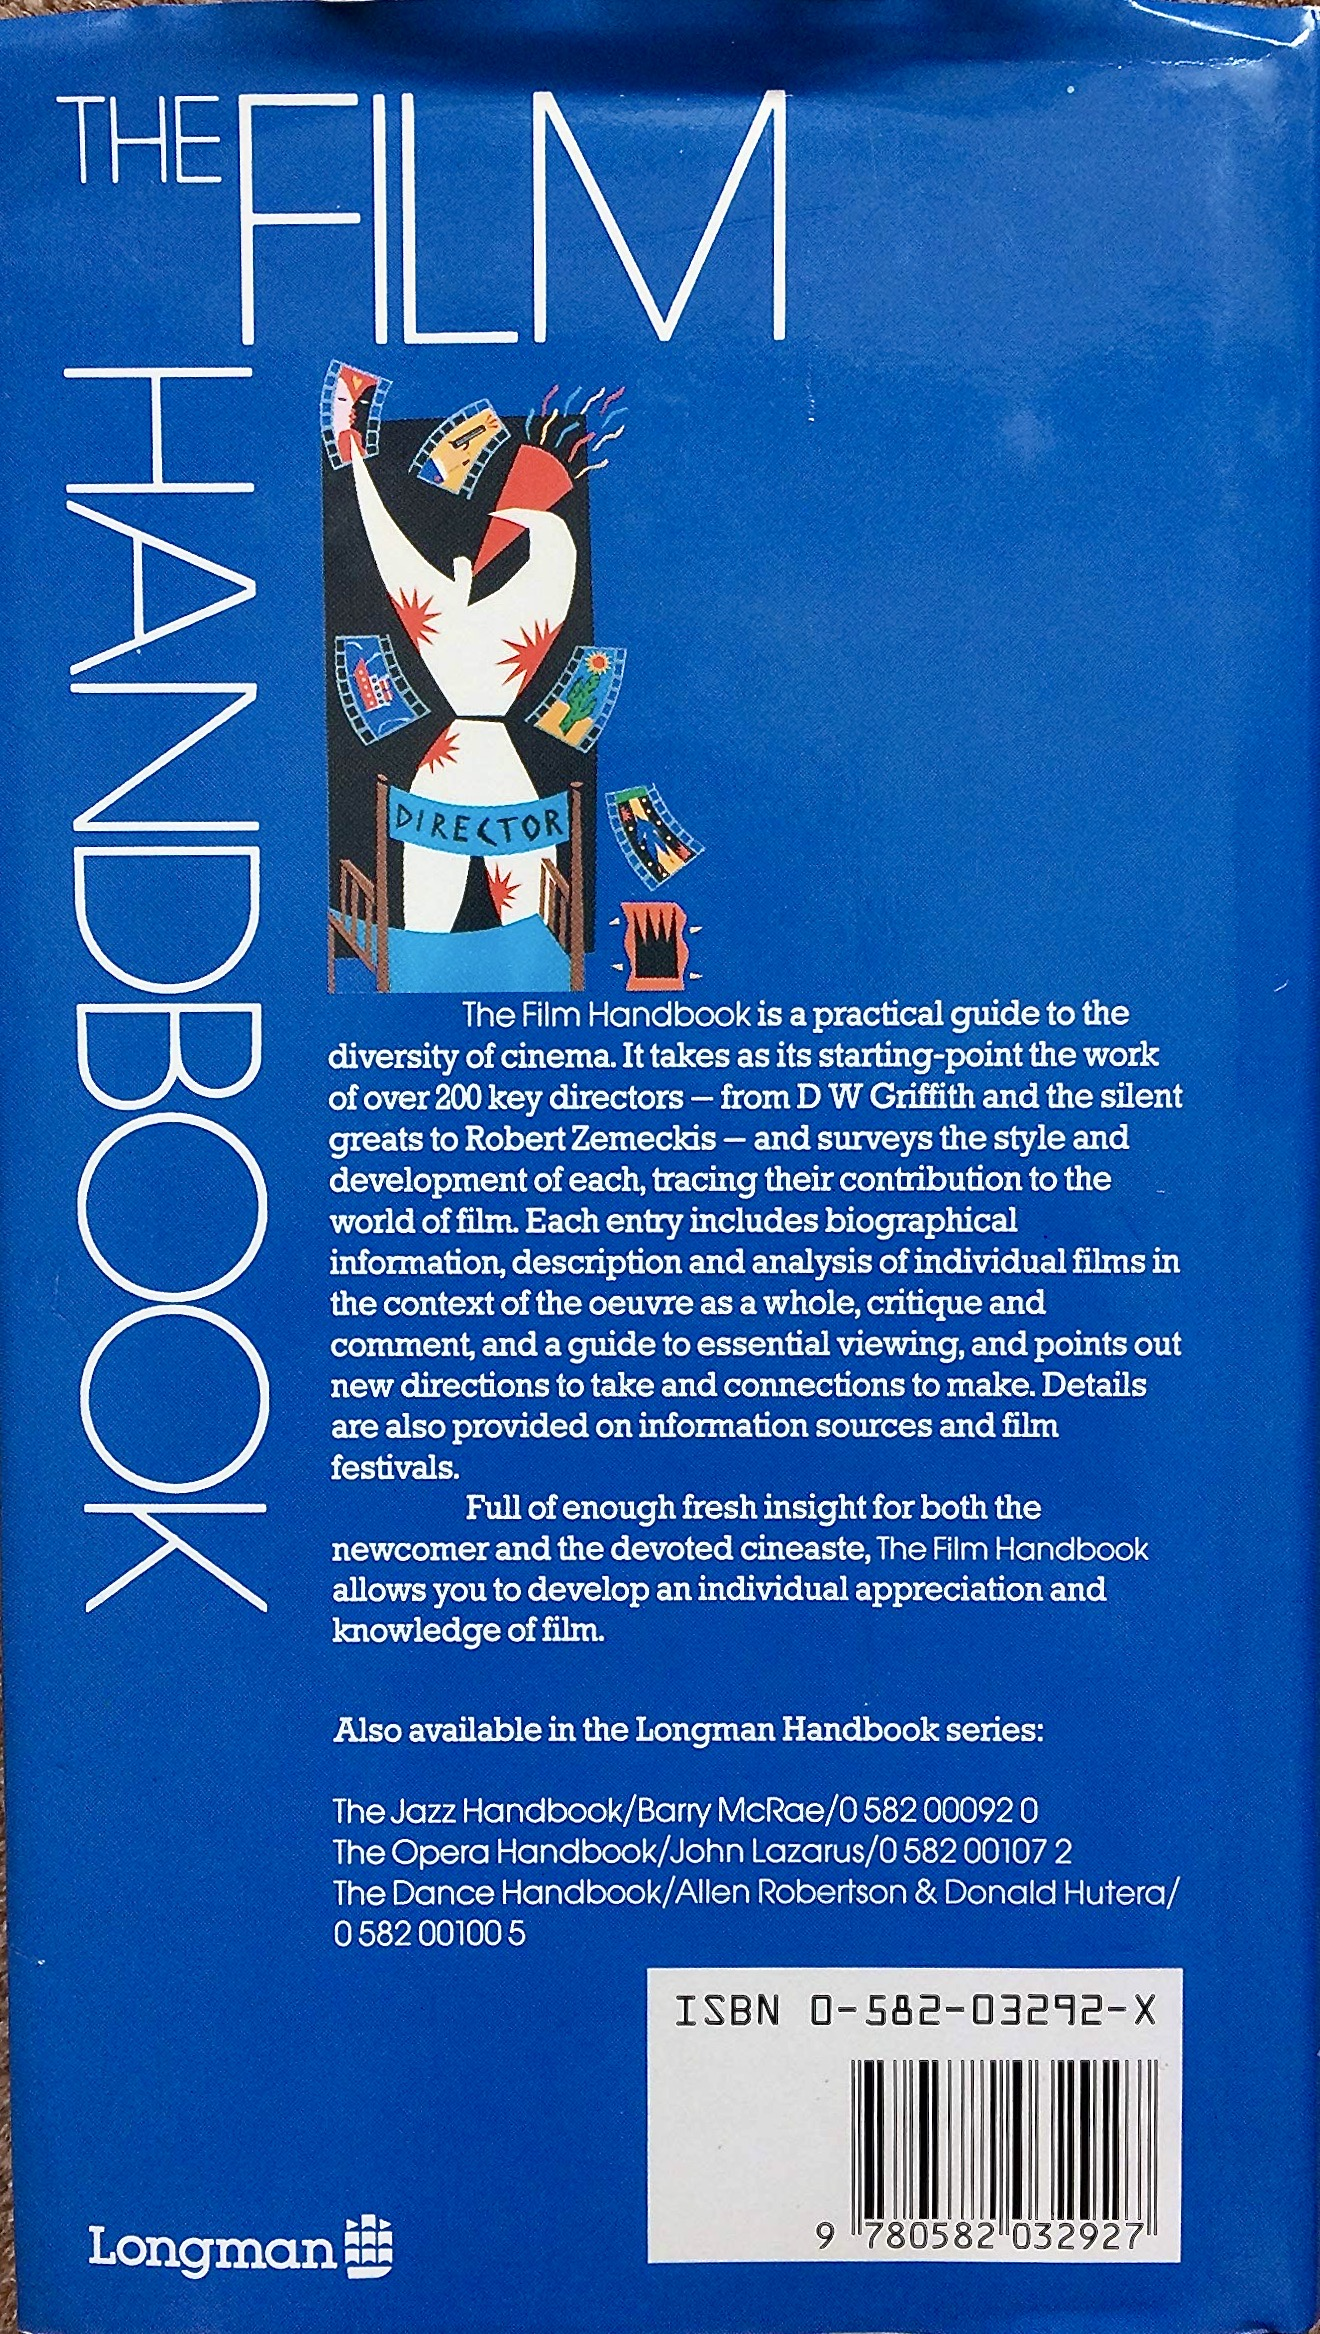 FilmHandbookBack